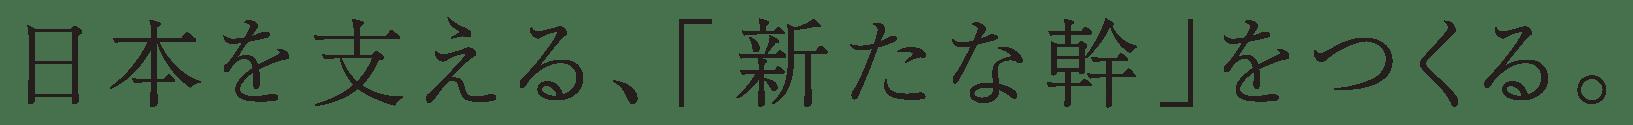 日本を支える、「新たな幹」をつくる。